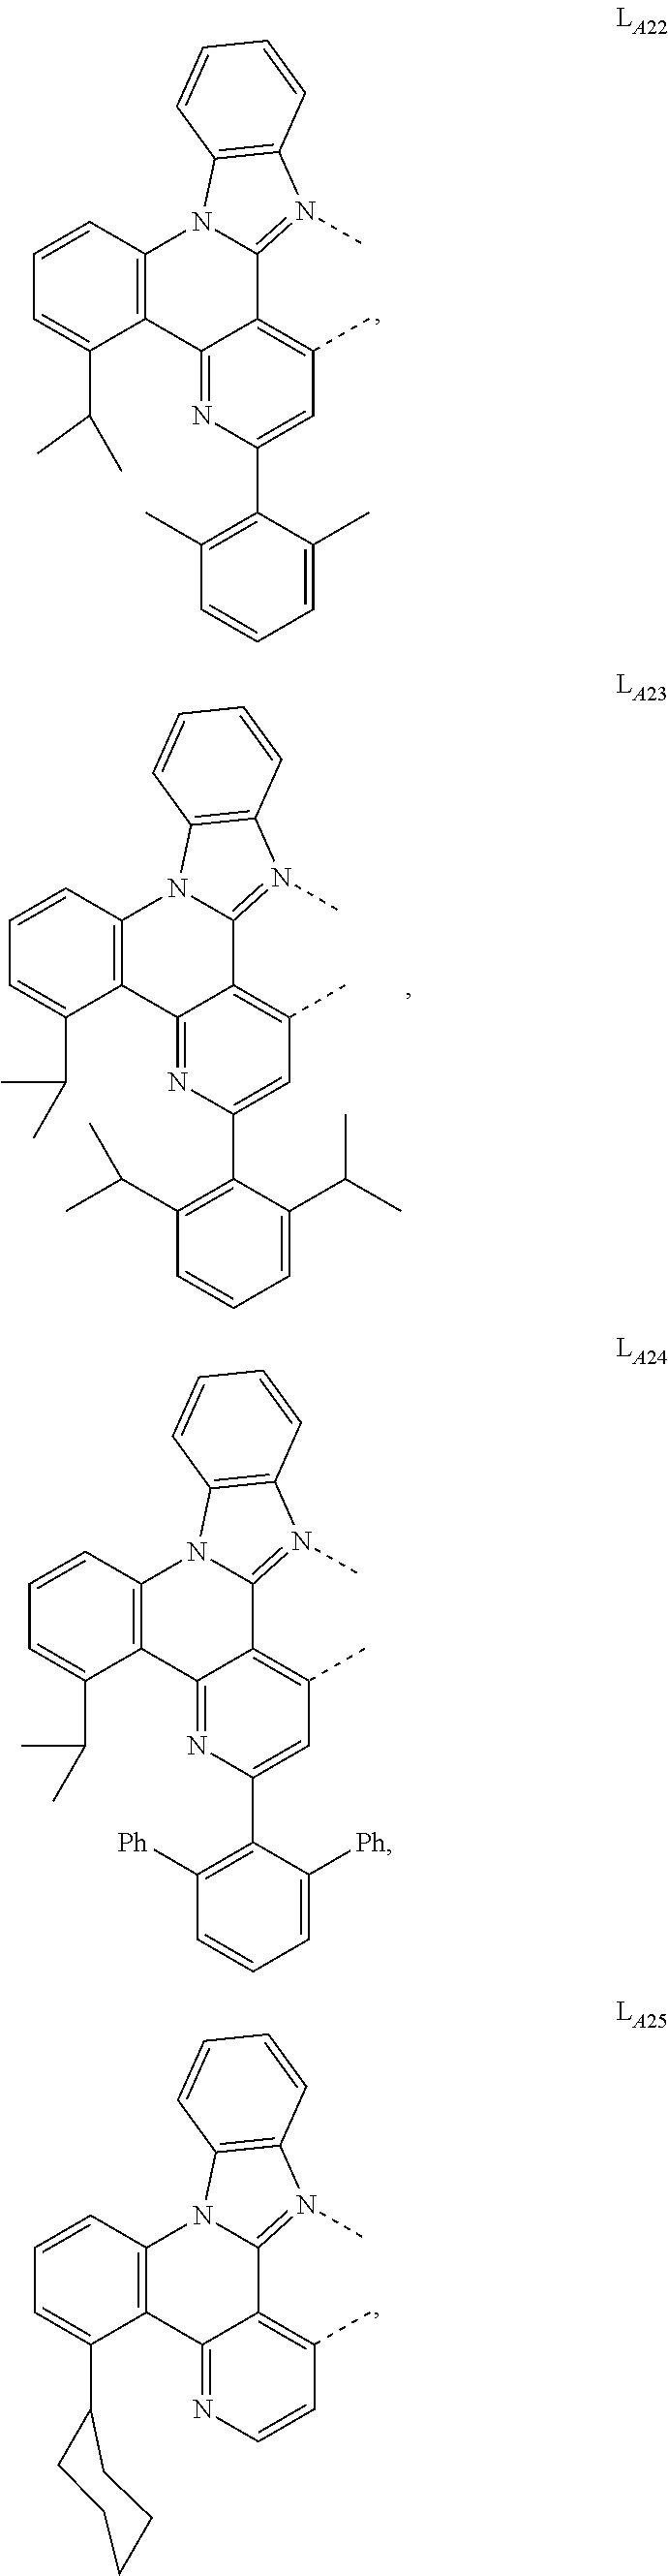 Figure US09905785-20180227-C00429